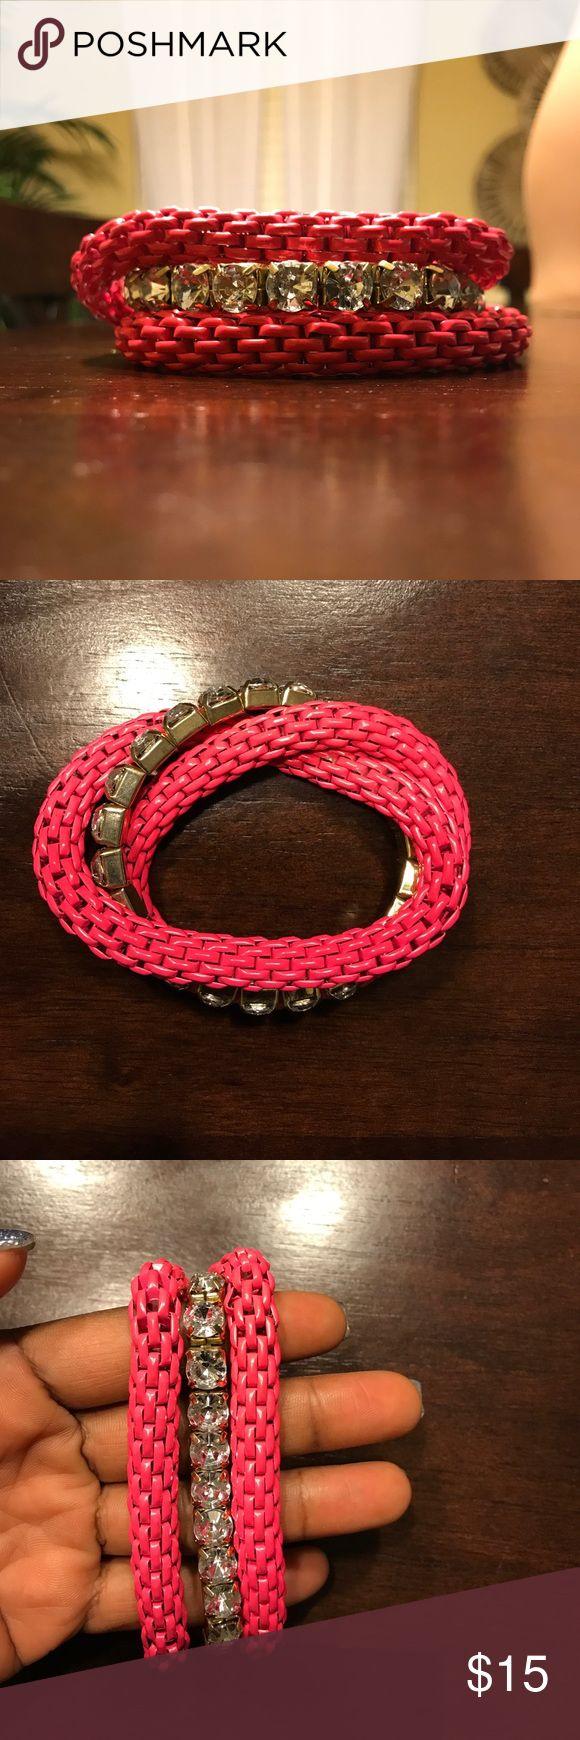 Pink/diamond bracelet stretchy Pink/diamond bracelet Jewelry Bracelets